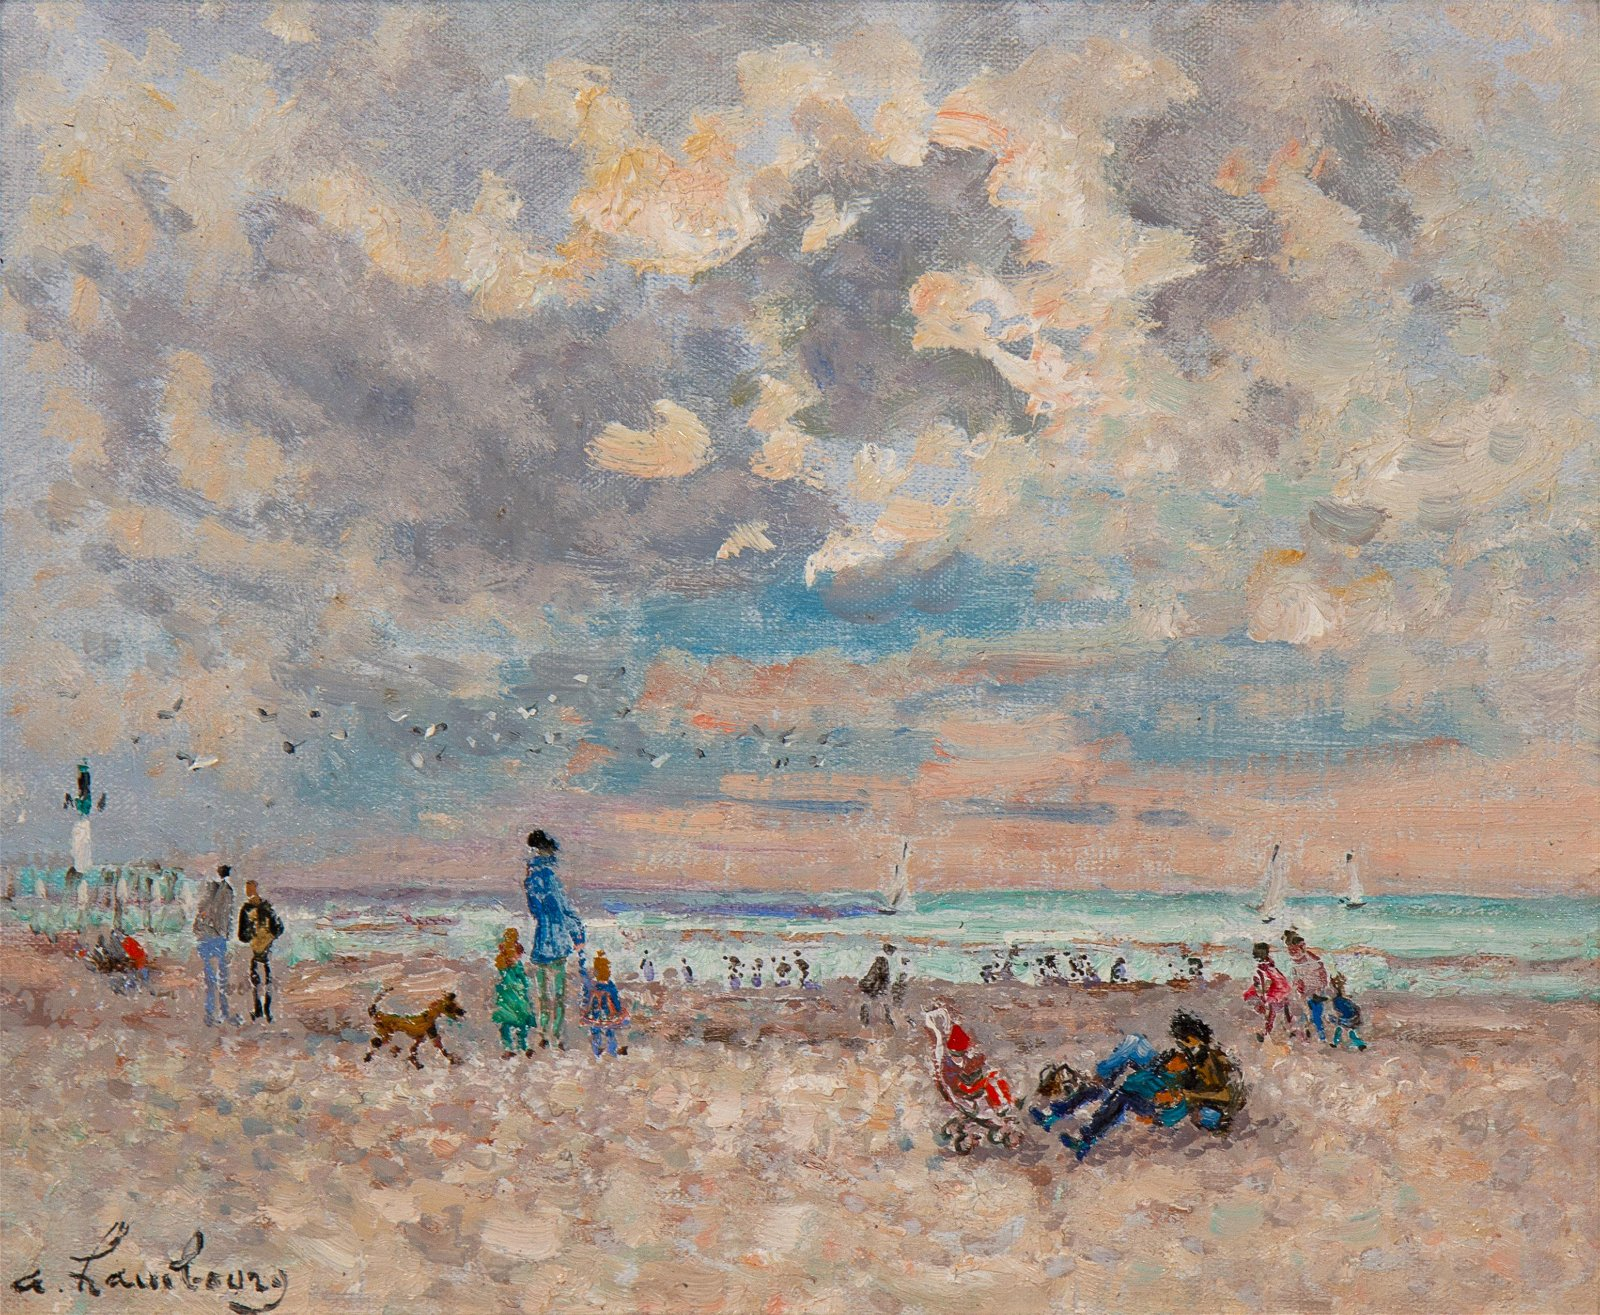 Andre Hambourg (French, 1909-1999) Temps doux, sur la